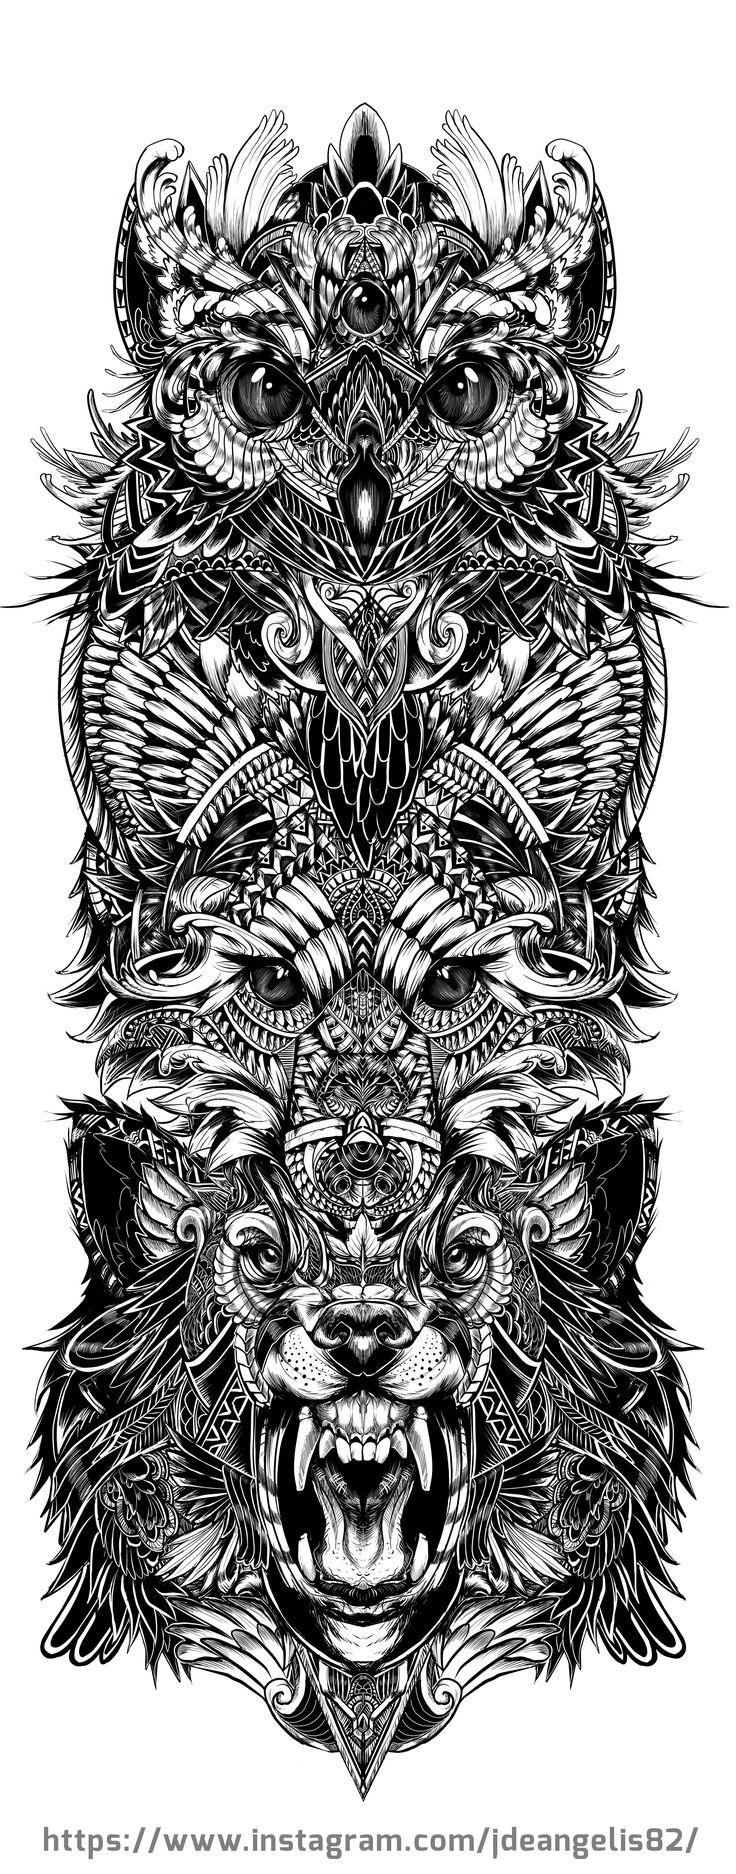 Animal totem by Jdeangelis82  instagram.com/jdeangelis82